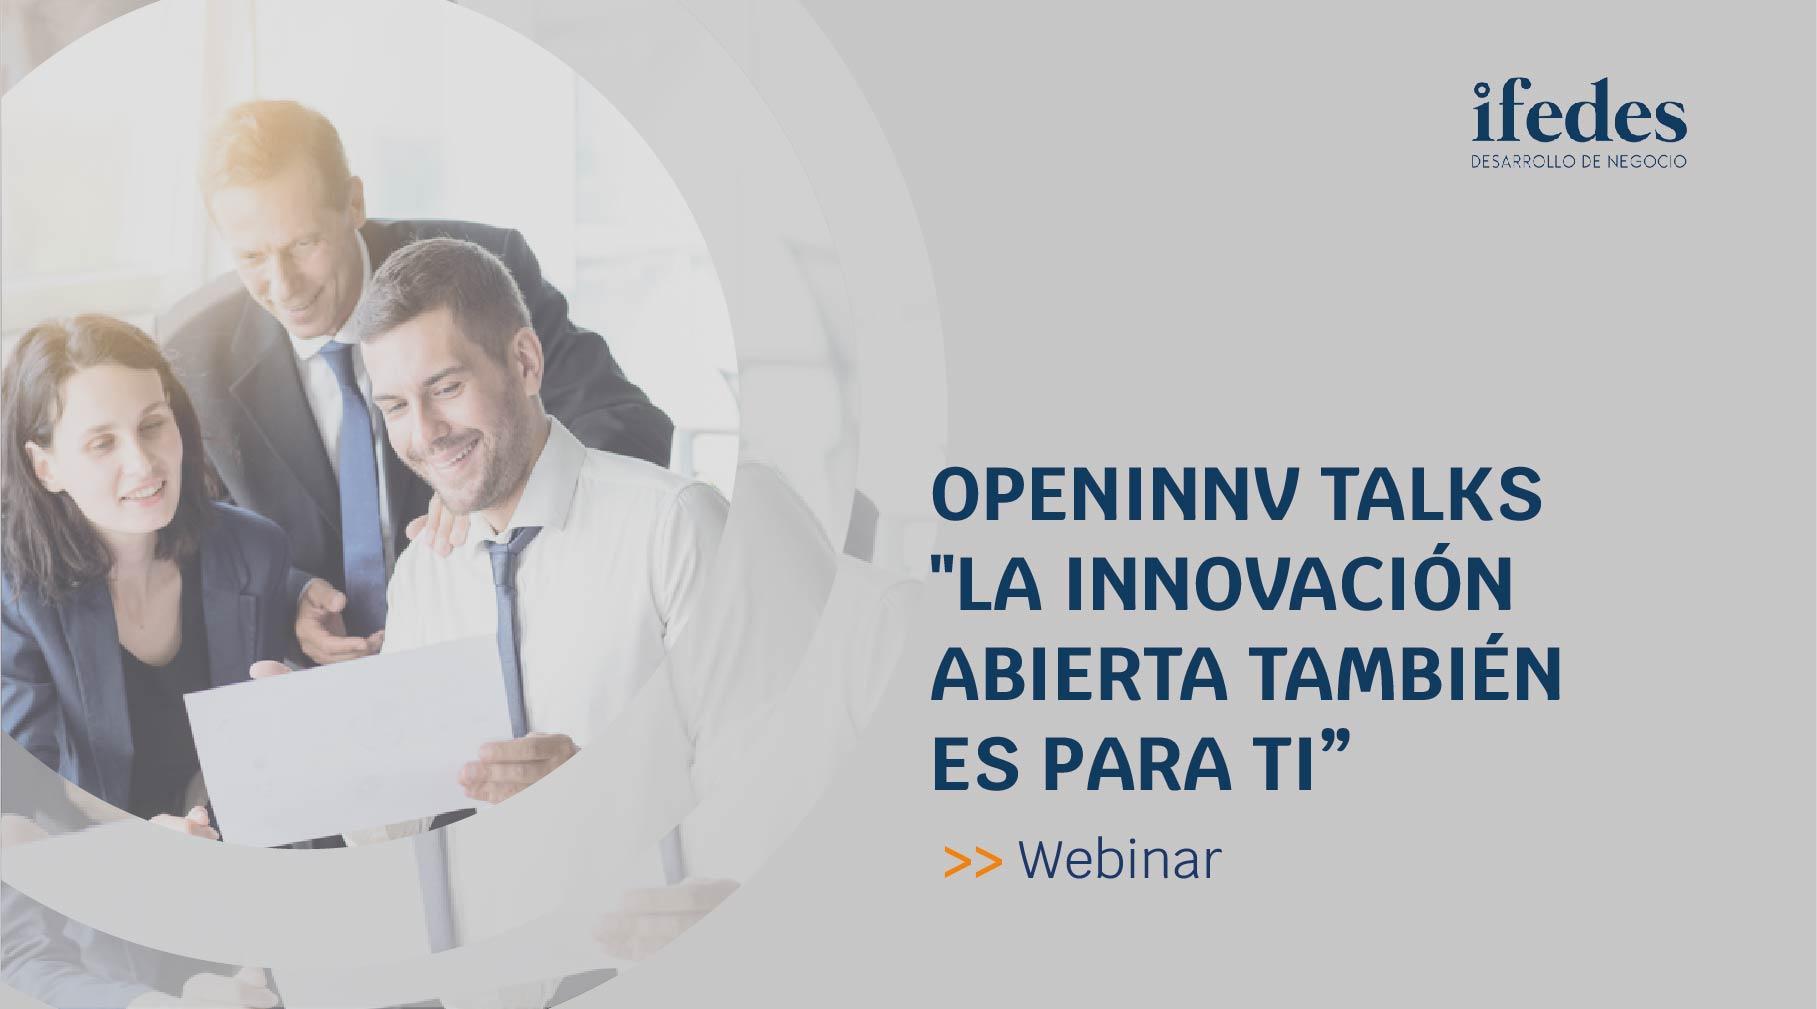 Openinnv talks innovacion abierta